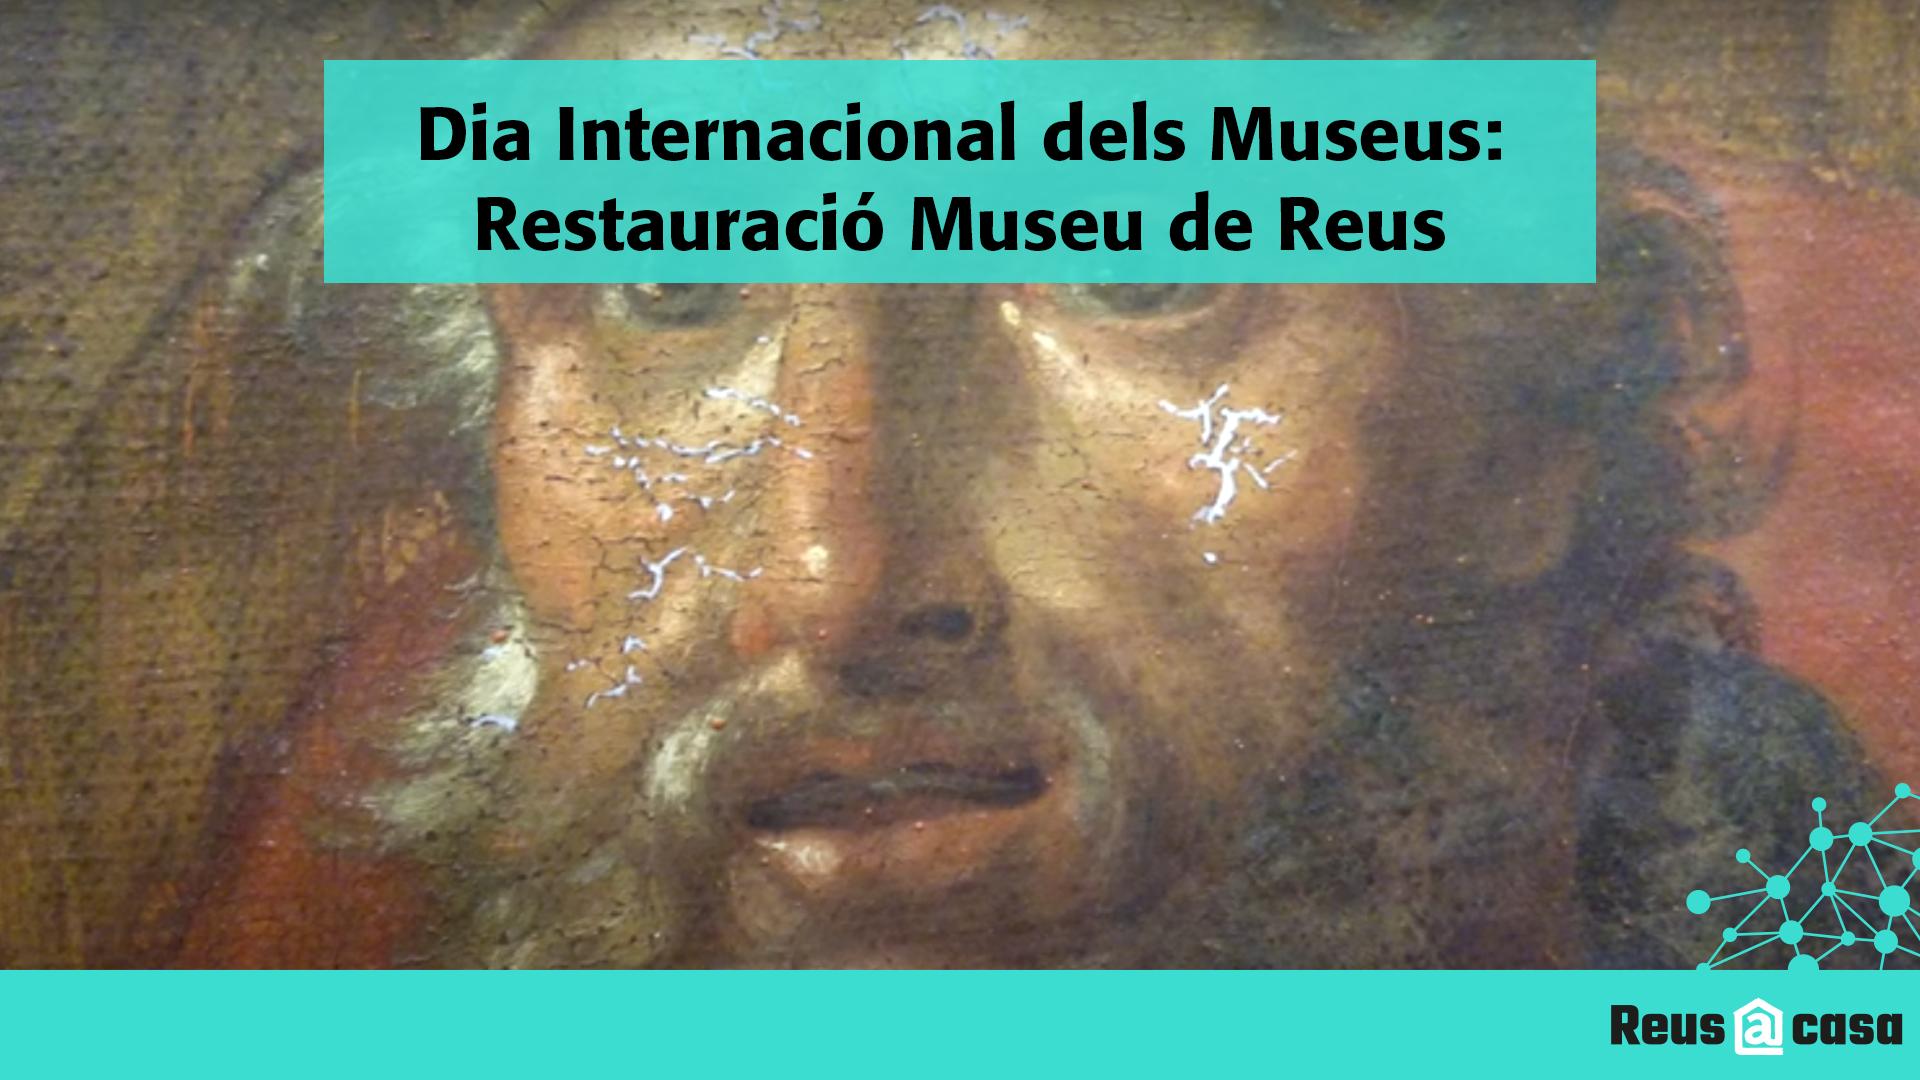 Dia Internacional dels Museus: Treballs de restauració del Museu de Reus